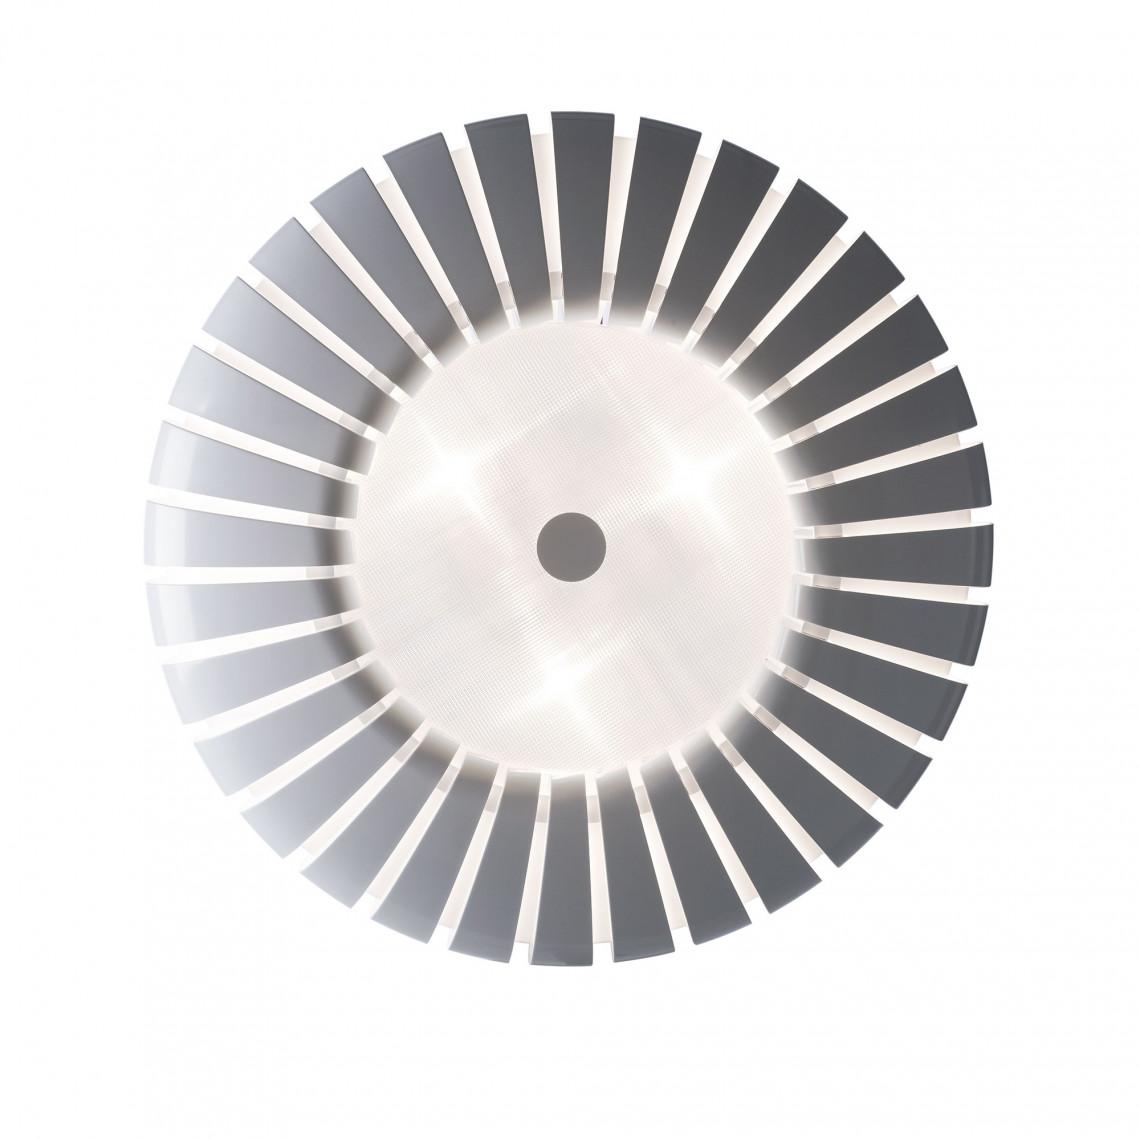 Maranga C - White